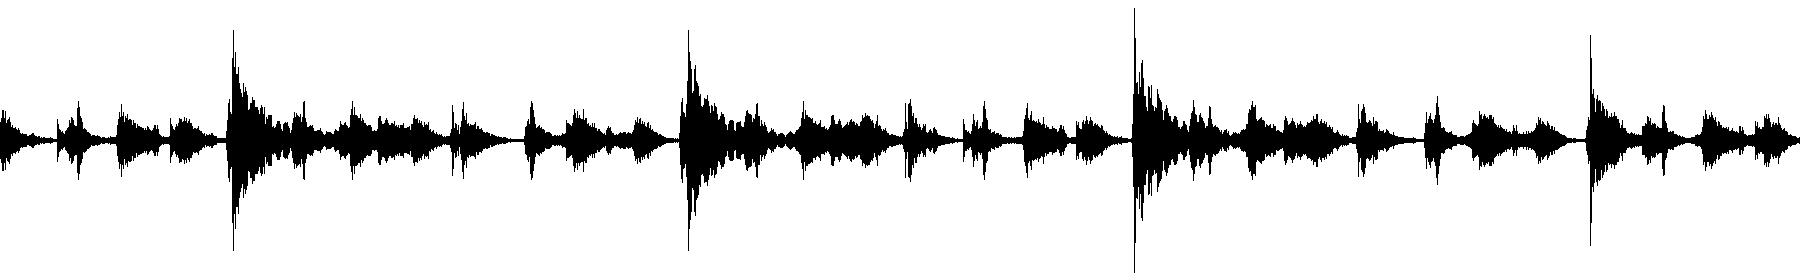 ehp percloop 127 13